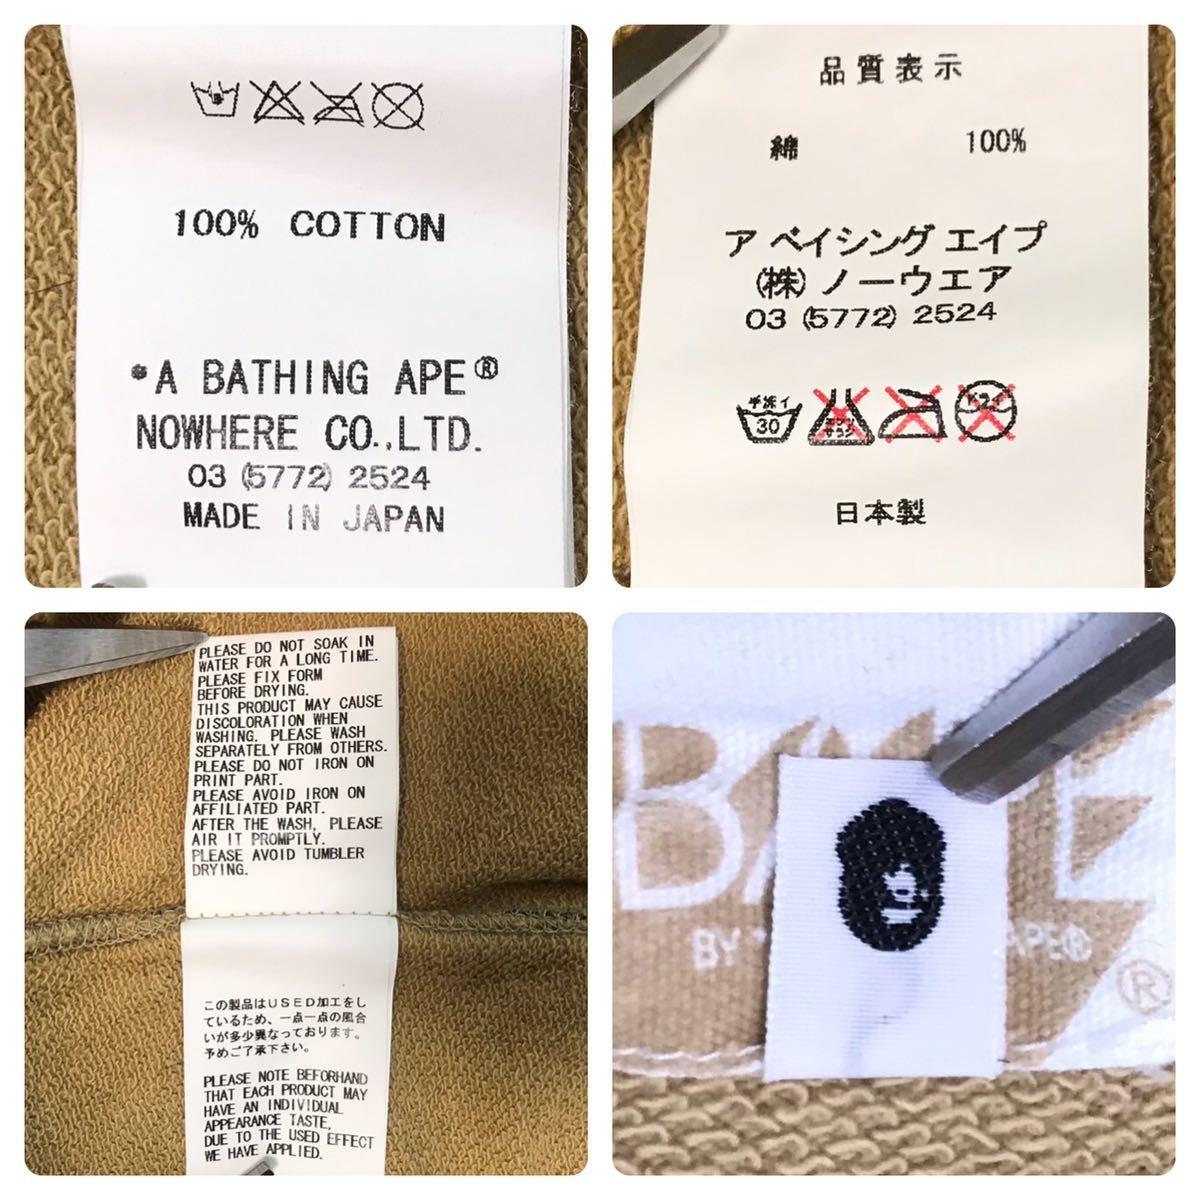 ★激レア★ kaws × bape 半袖 スウェット Lサイズ bendy 1st camo yellow a bathing ape エイプ ベイプ アベイシングエイプ カウズ 0808